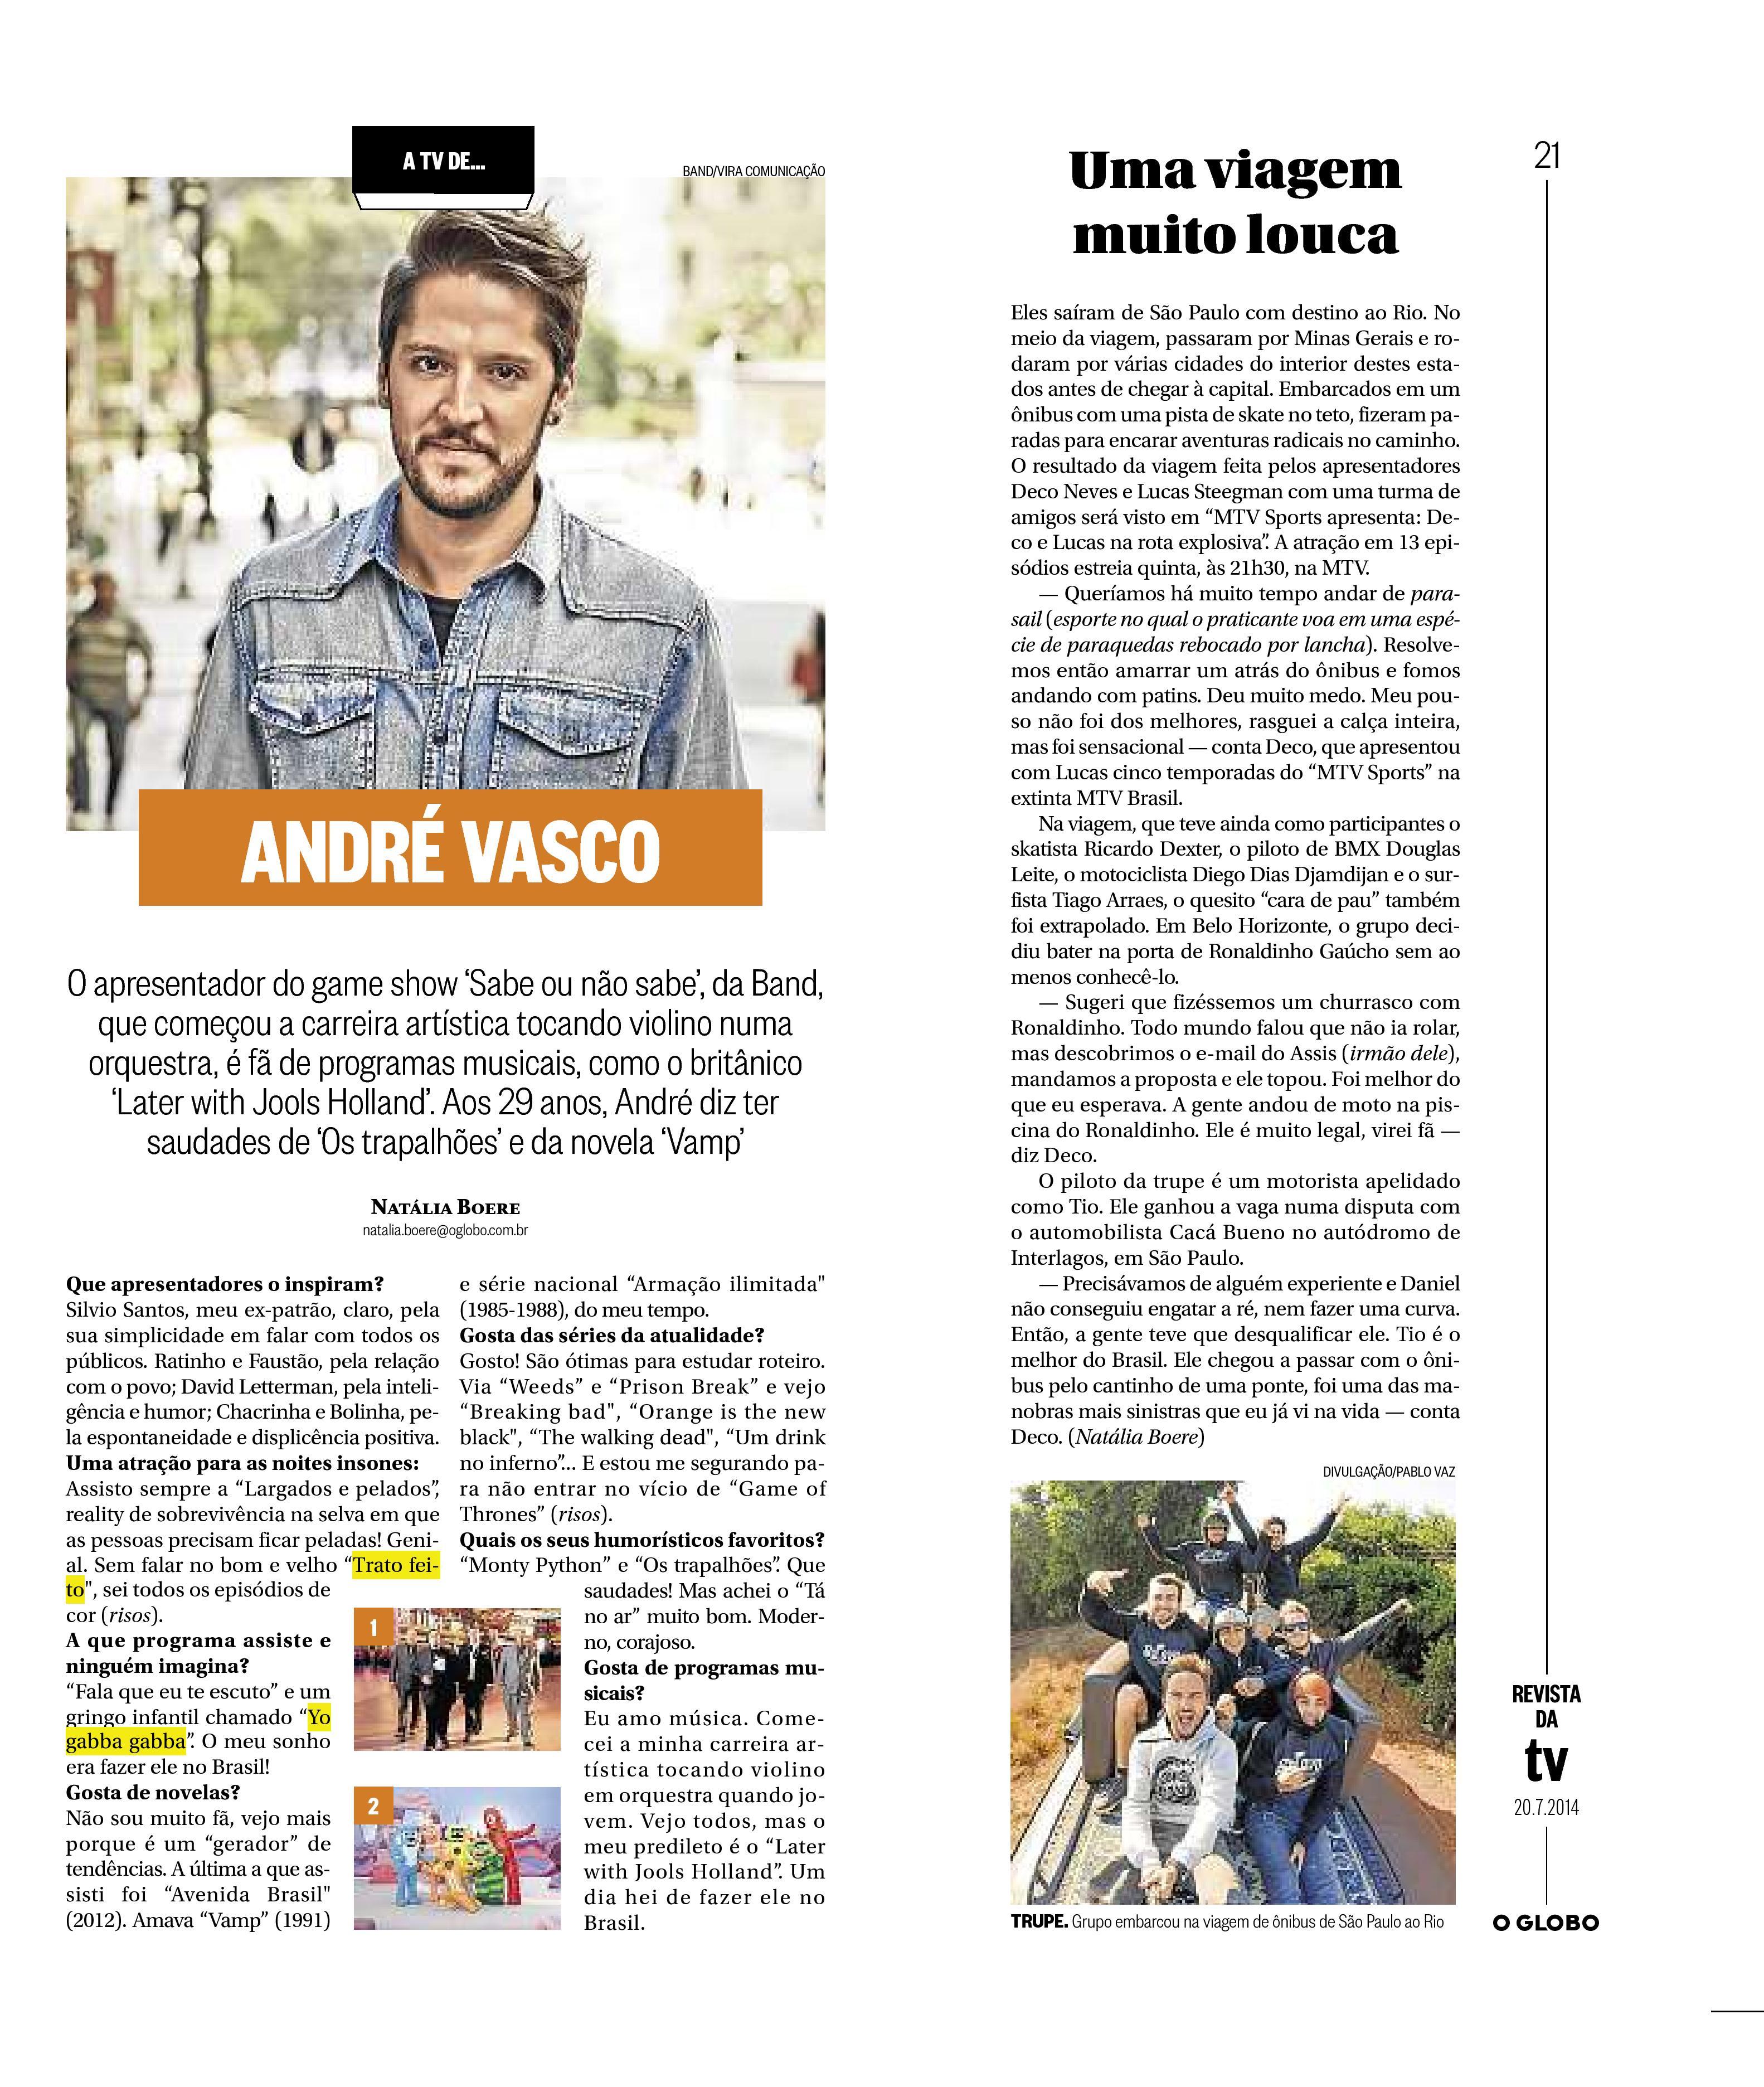 André Vasco em entrevista para O Globo